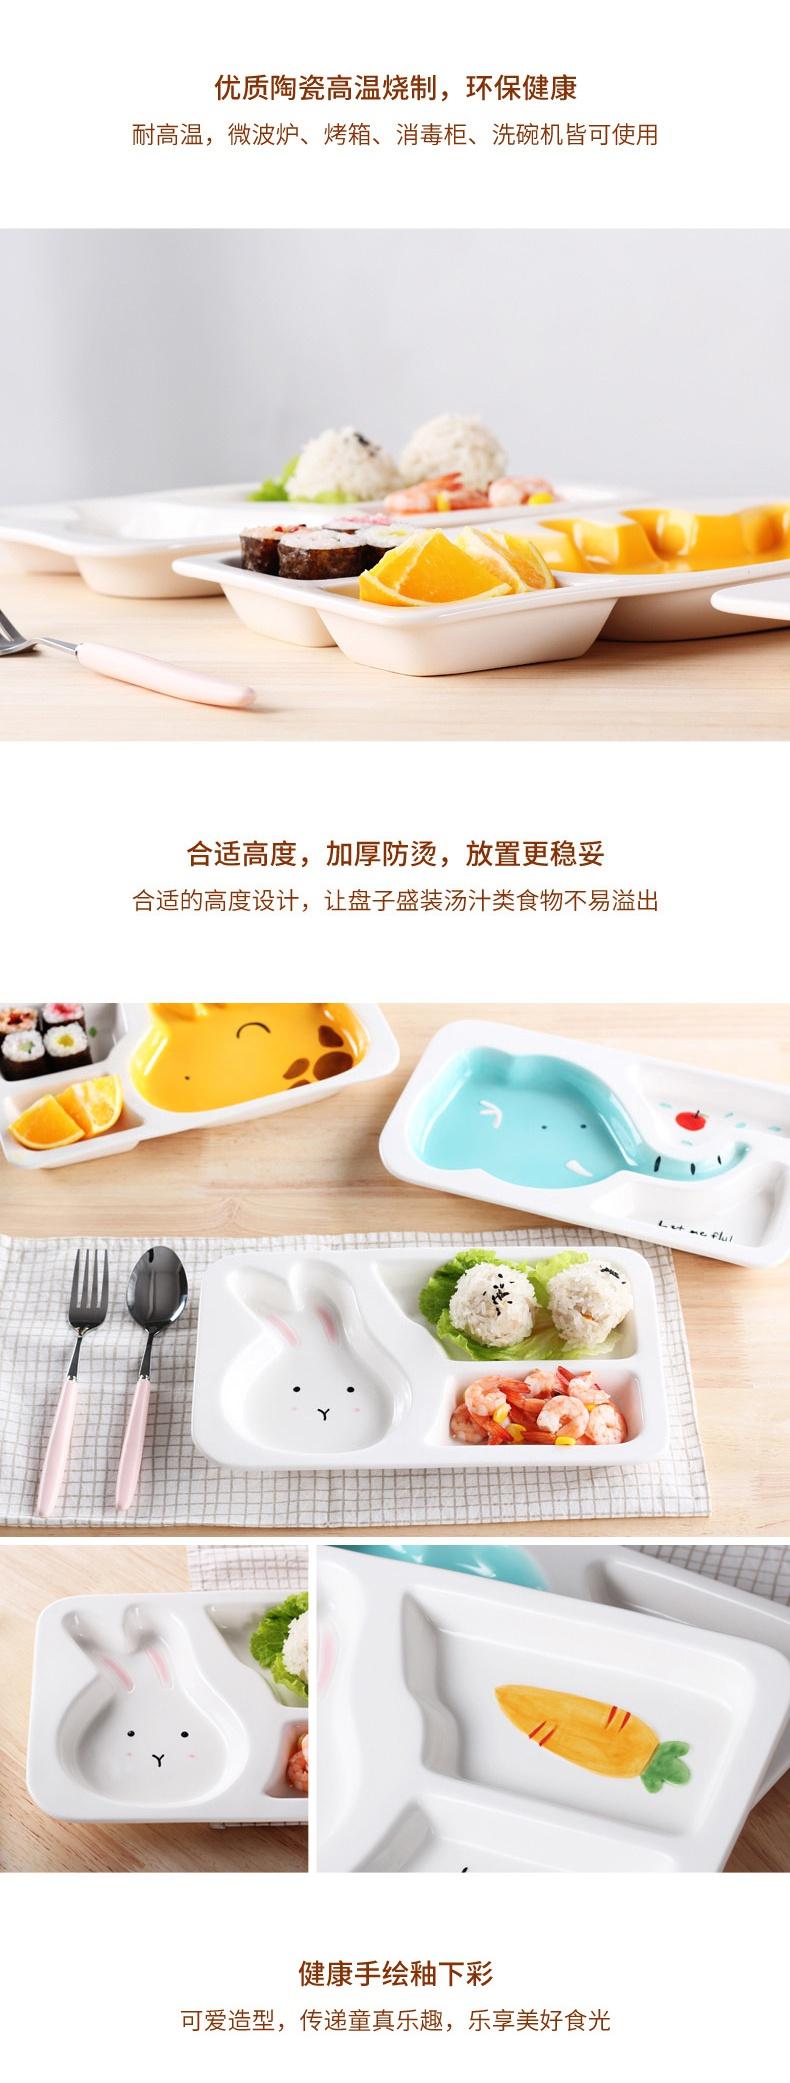 创意卡通餐具儿童宝宝分格盘可爱动物陶瓷早餐盘分隔餐盘家用盘子